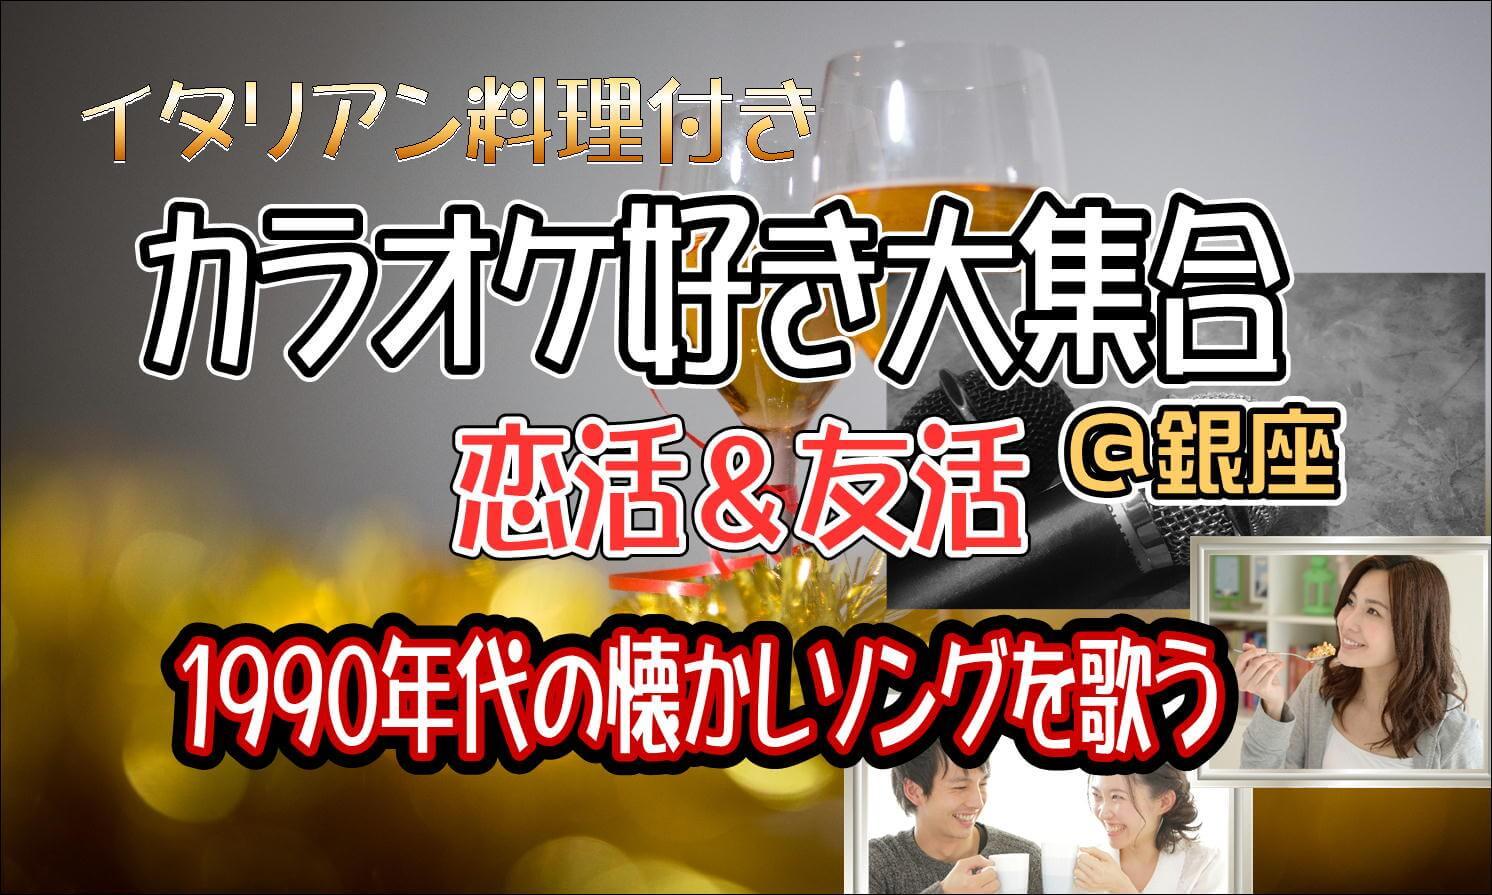 【銀座のプチ街コン】エスクロ・ジャパン株式会社主催 2016年11月29日